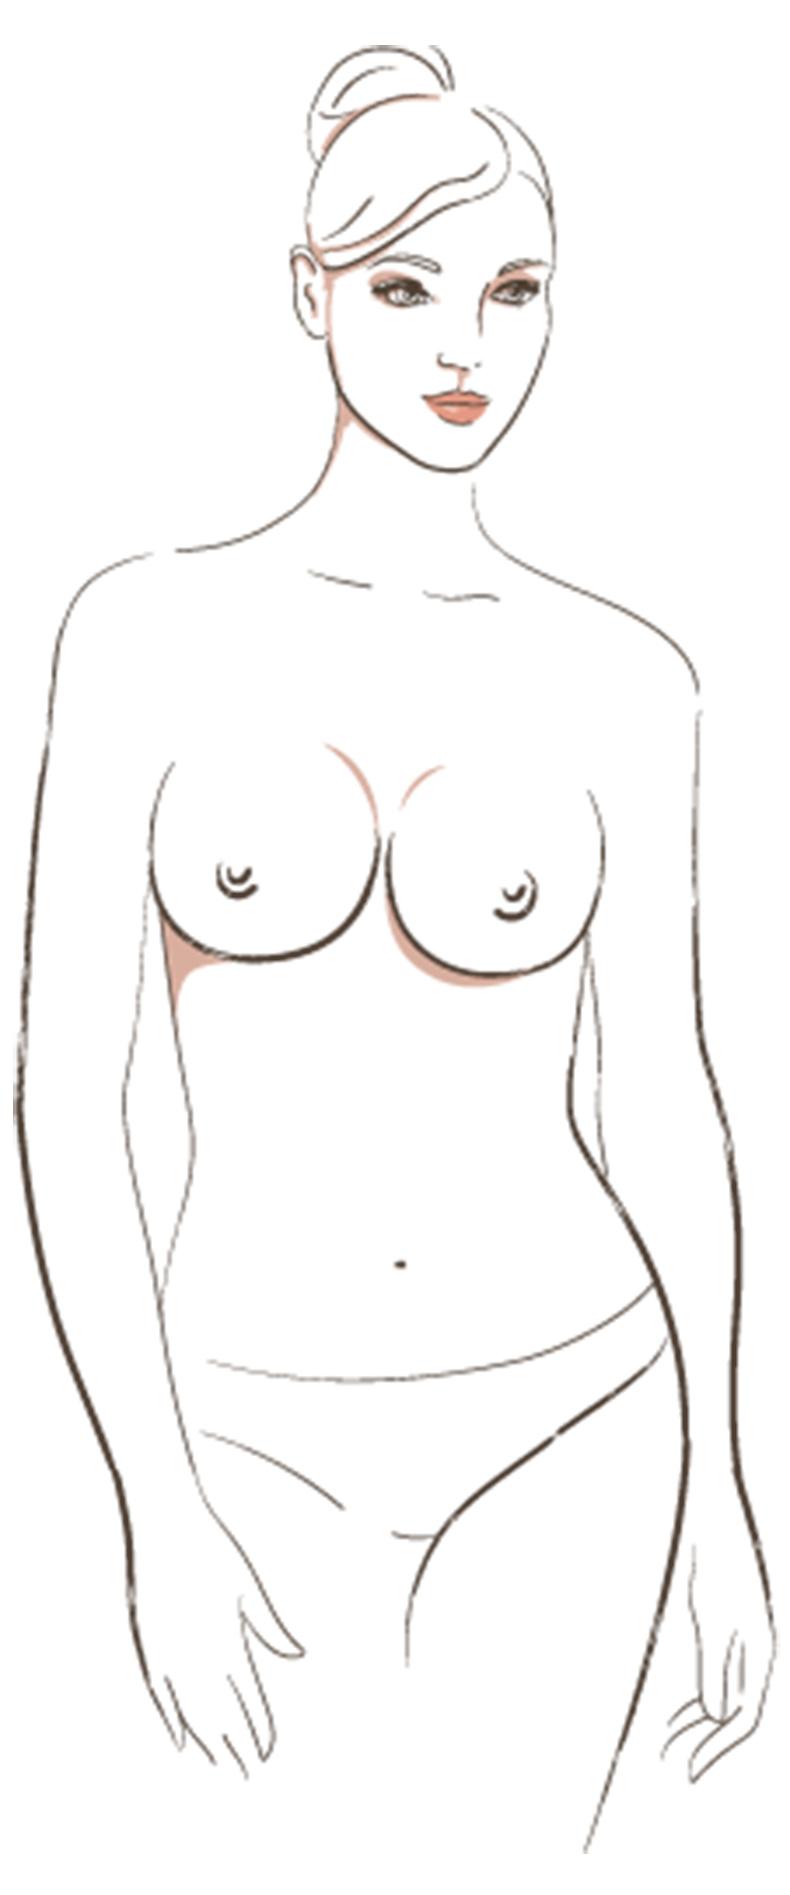 1456721078-syn-elm-1456588026-syn-cos-1456497554-boob-types-round